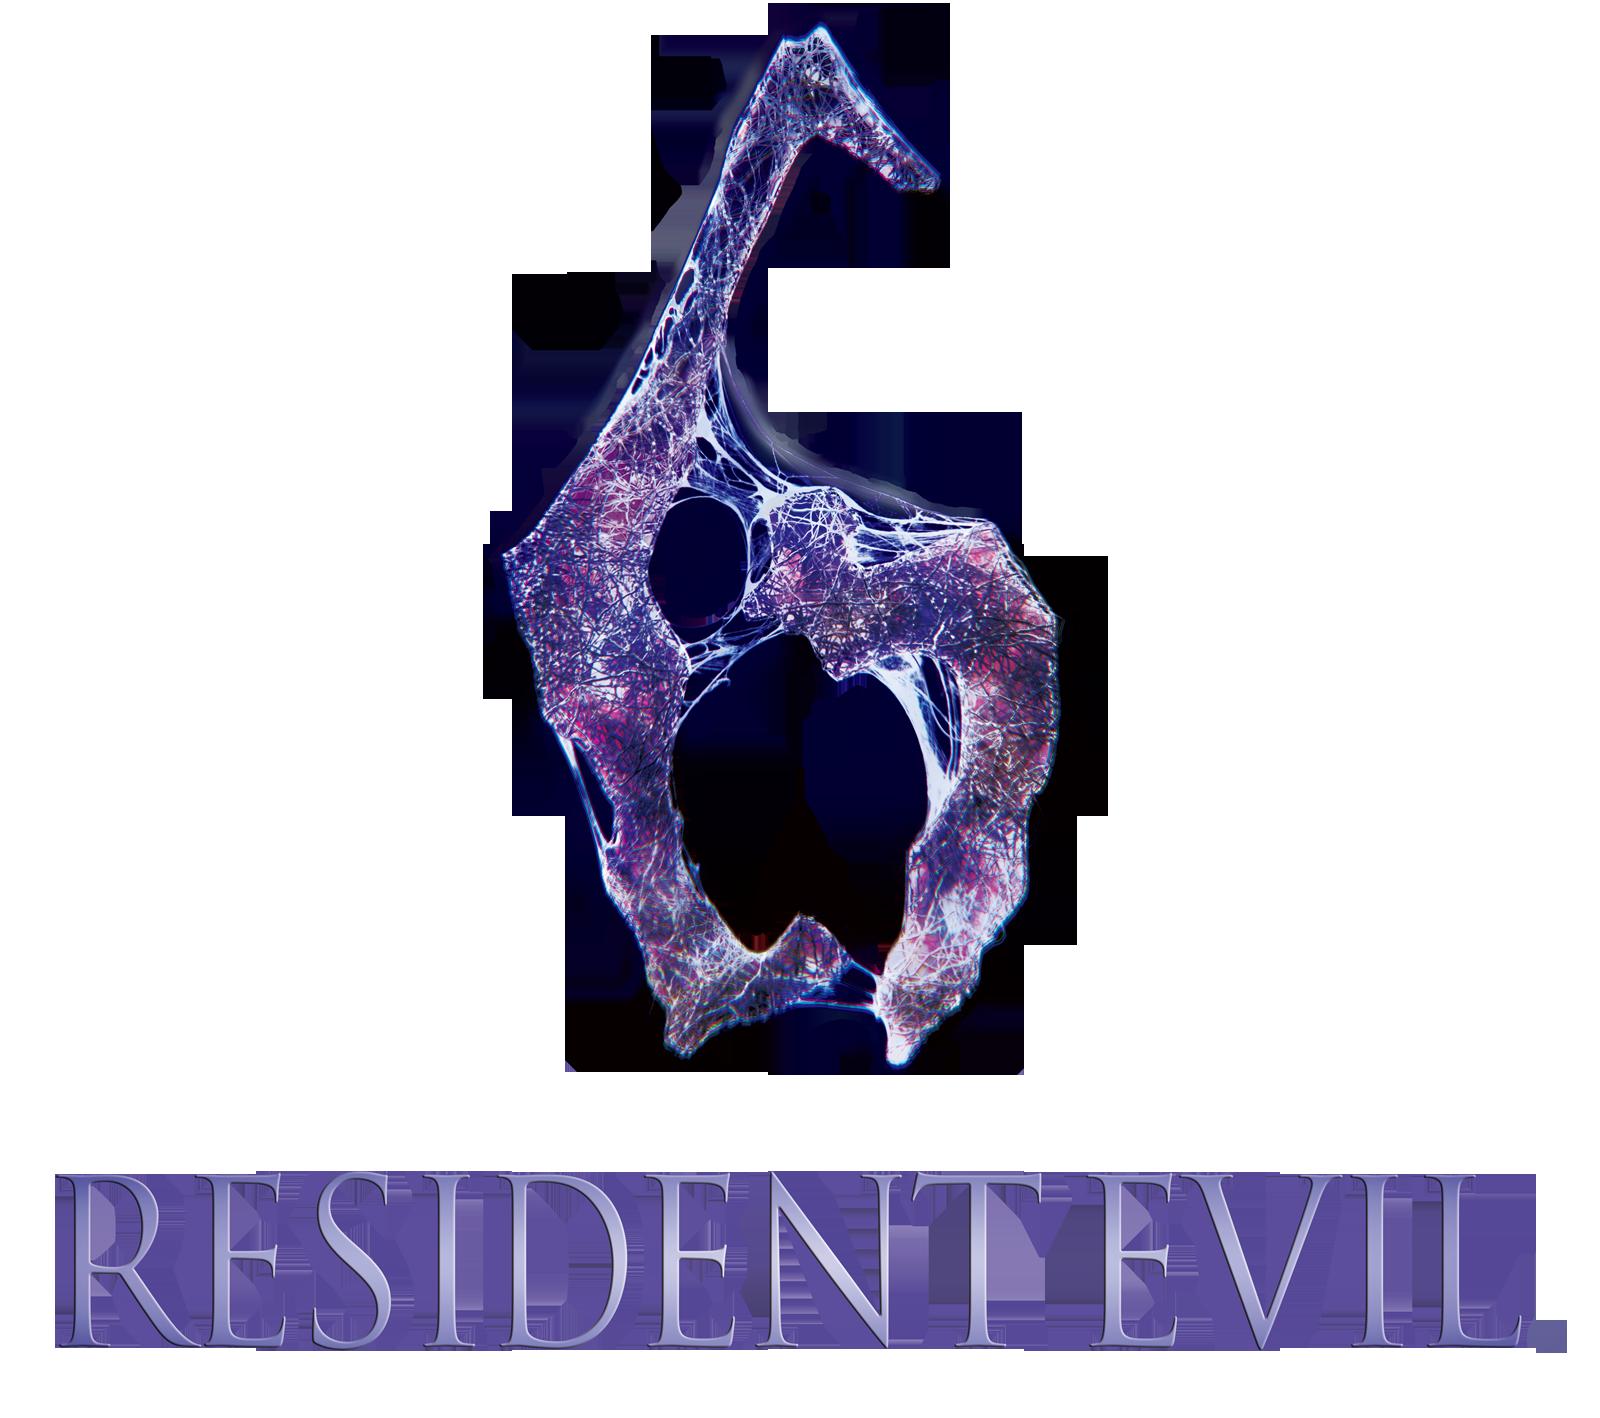 Resident Evil 6 Resident Evil Evil Horror Video Games